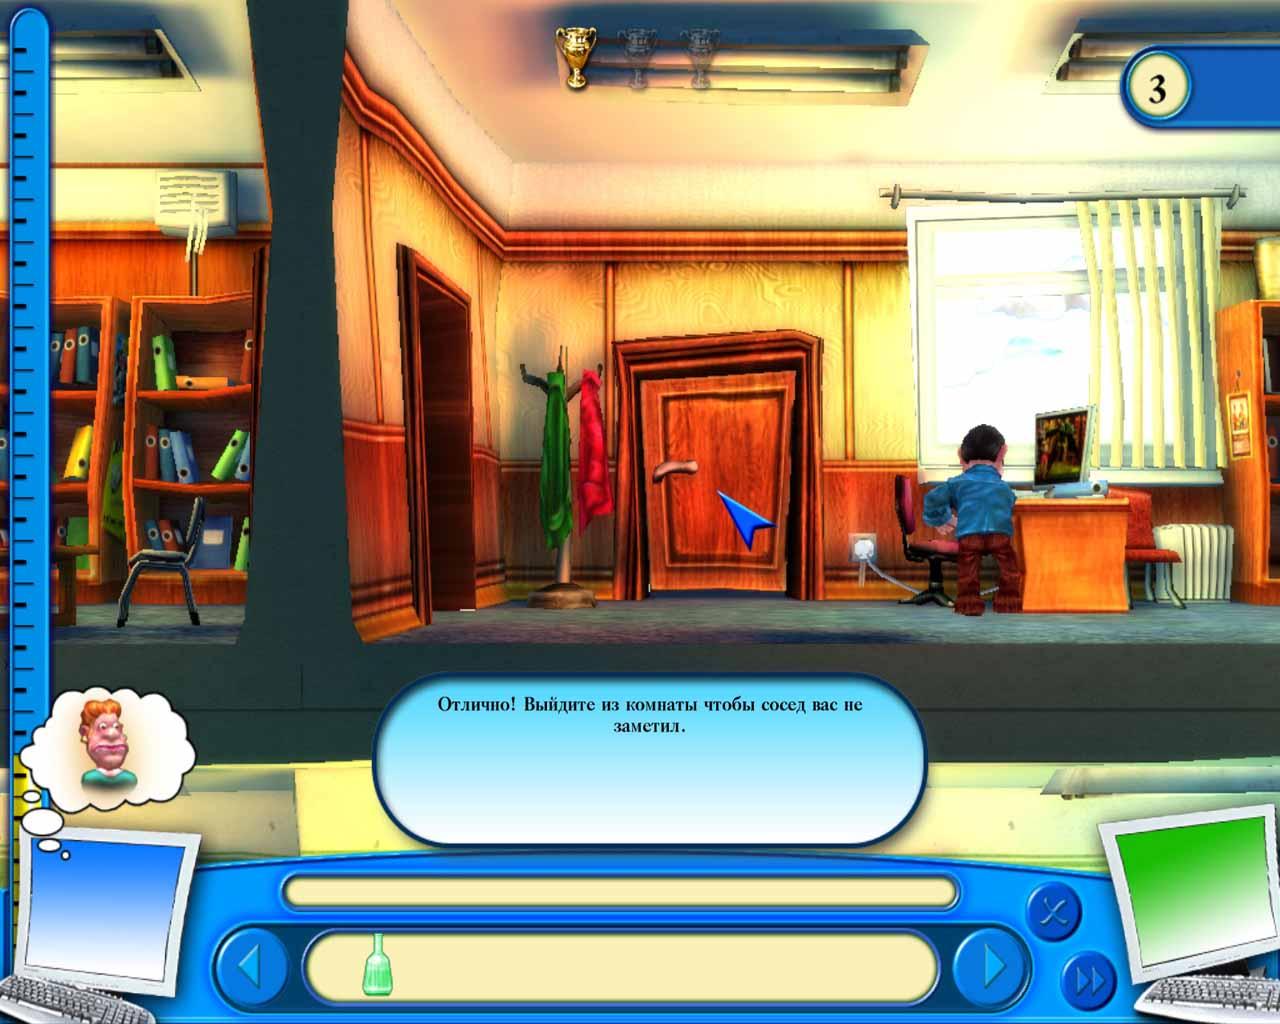 Как достать соседа 3 В офисе - скриншот из игры.